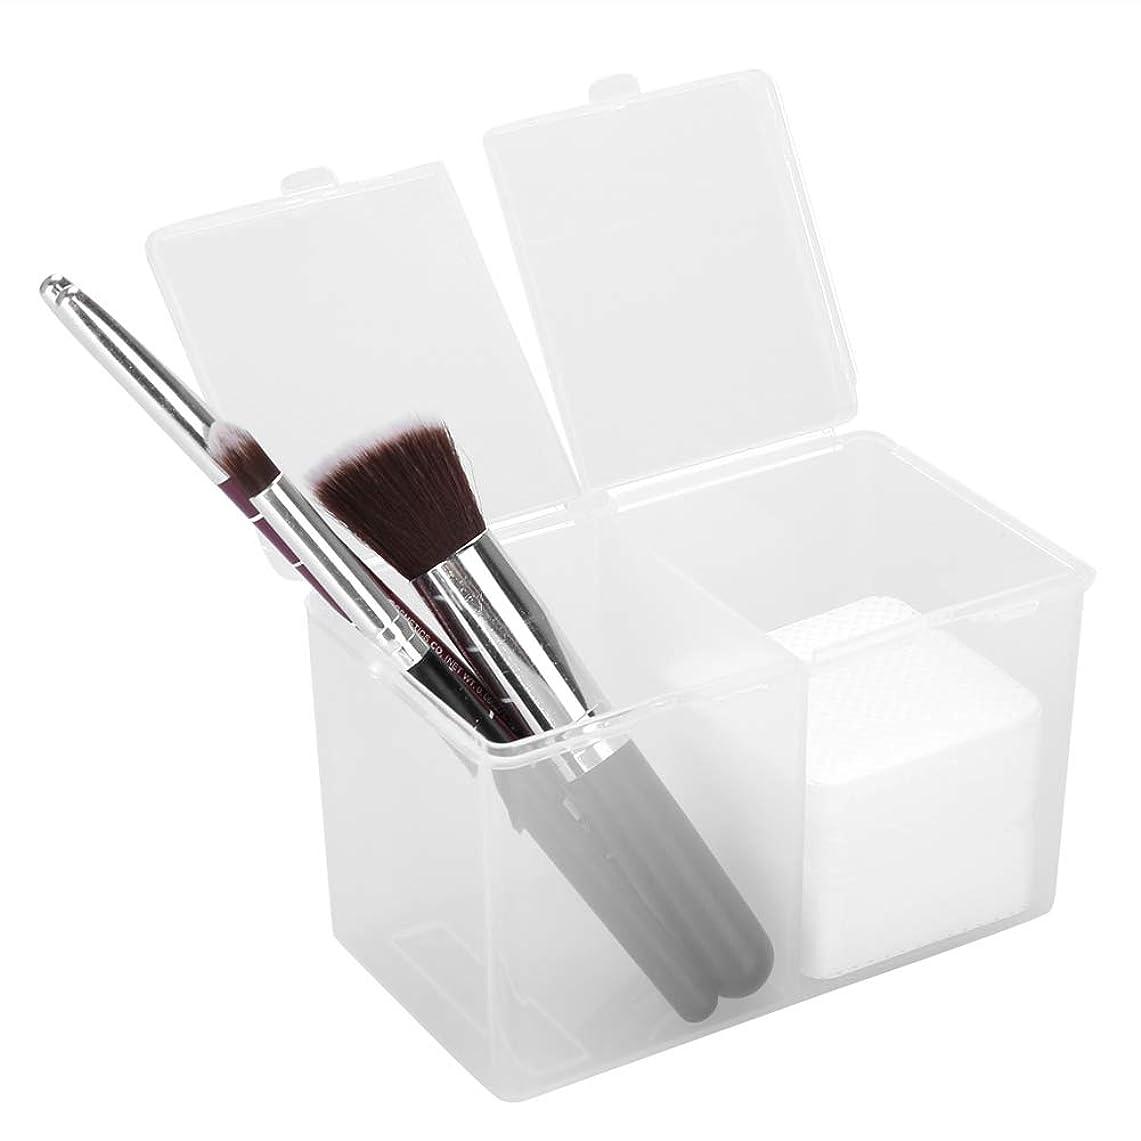 幻想的捨てるキャッチ綿パッドホルダー、2グリッド綿棒化粧容器ネイルポリッシュグリッターパウダーオーガナイザー収納ボックス用ガーゼコットンボールホームオフィス用品